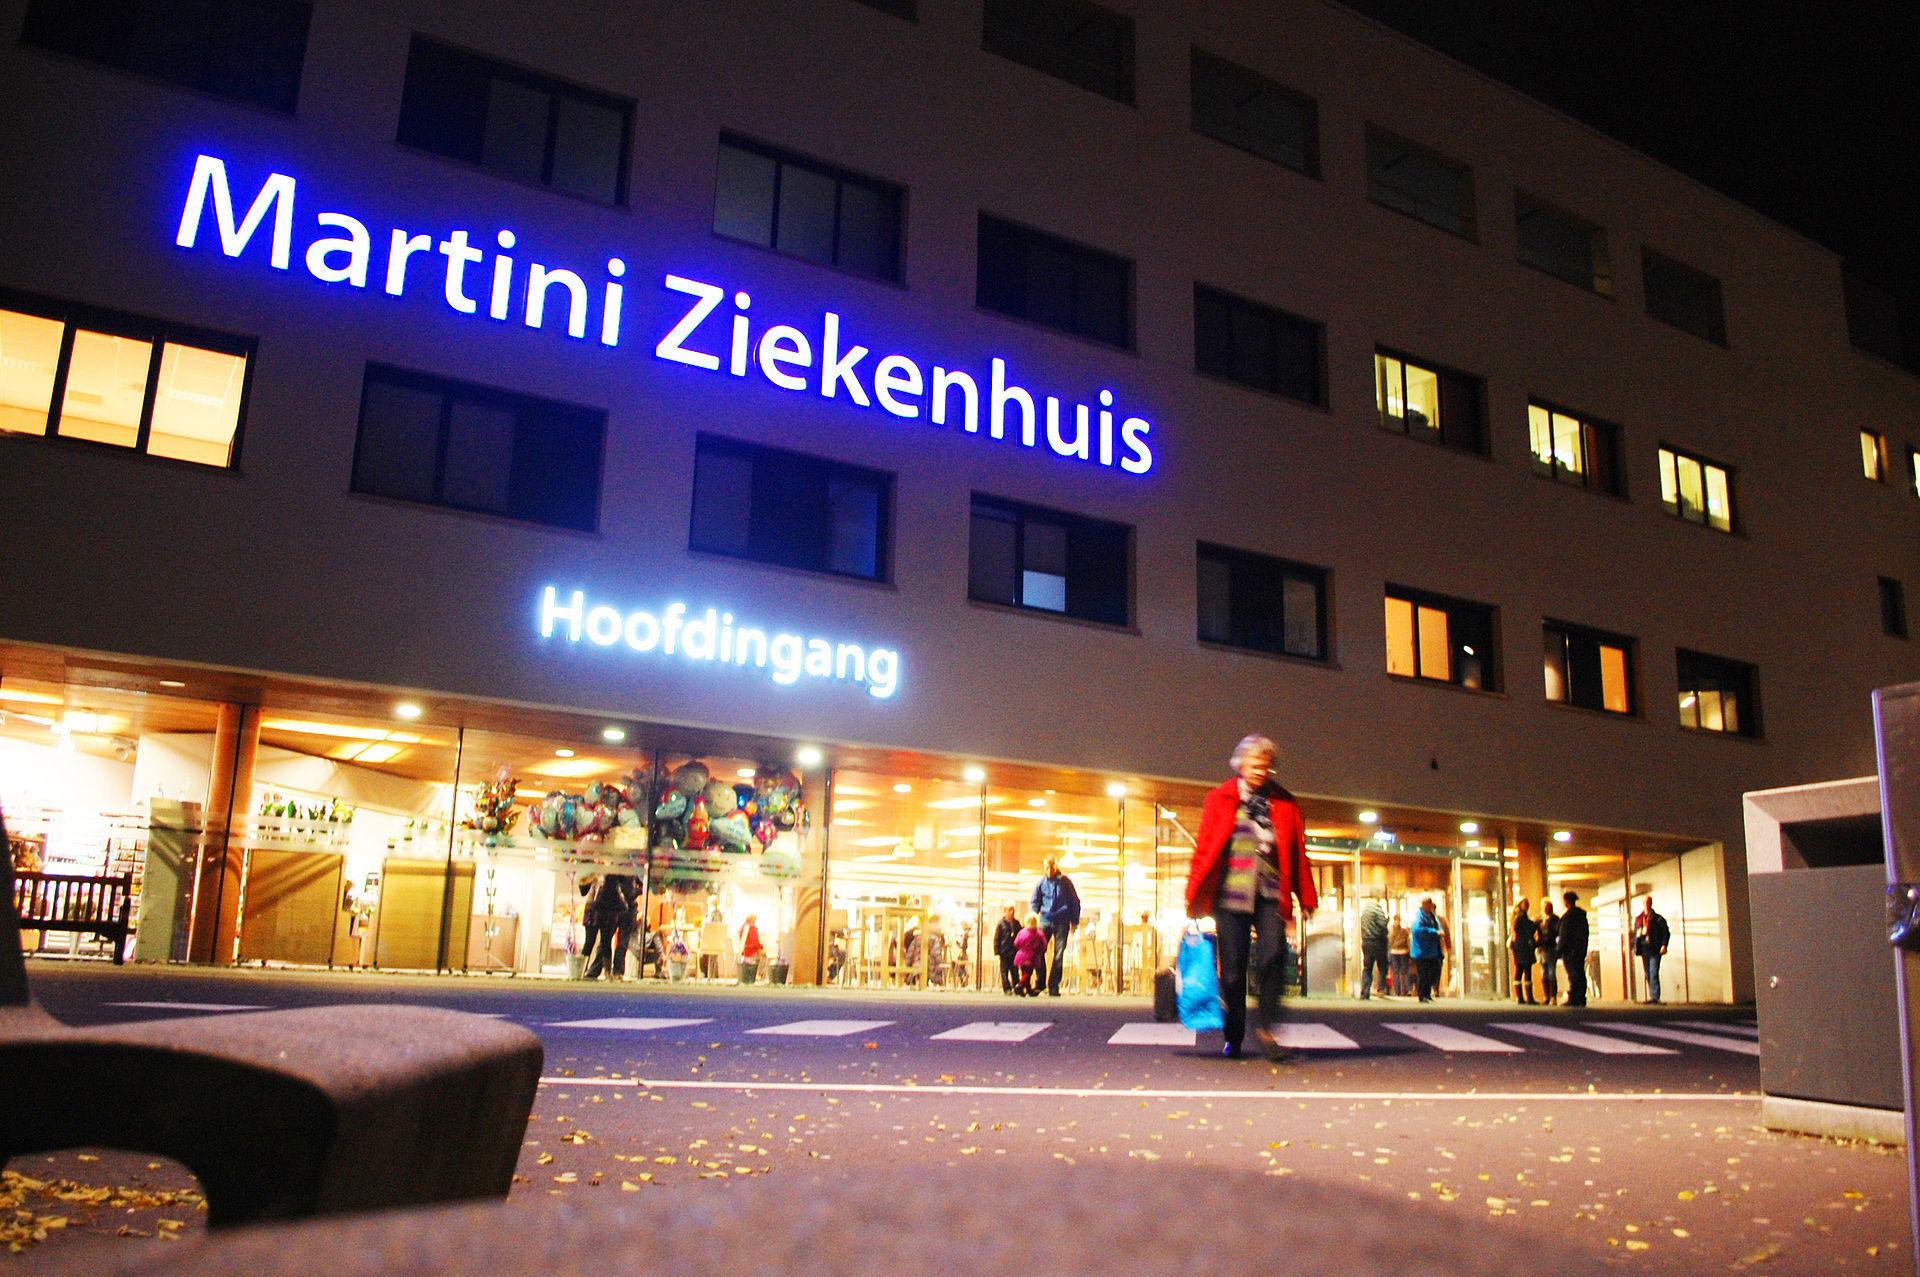 Een prijskaartje aan de producten van ziekenhuizen